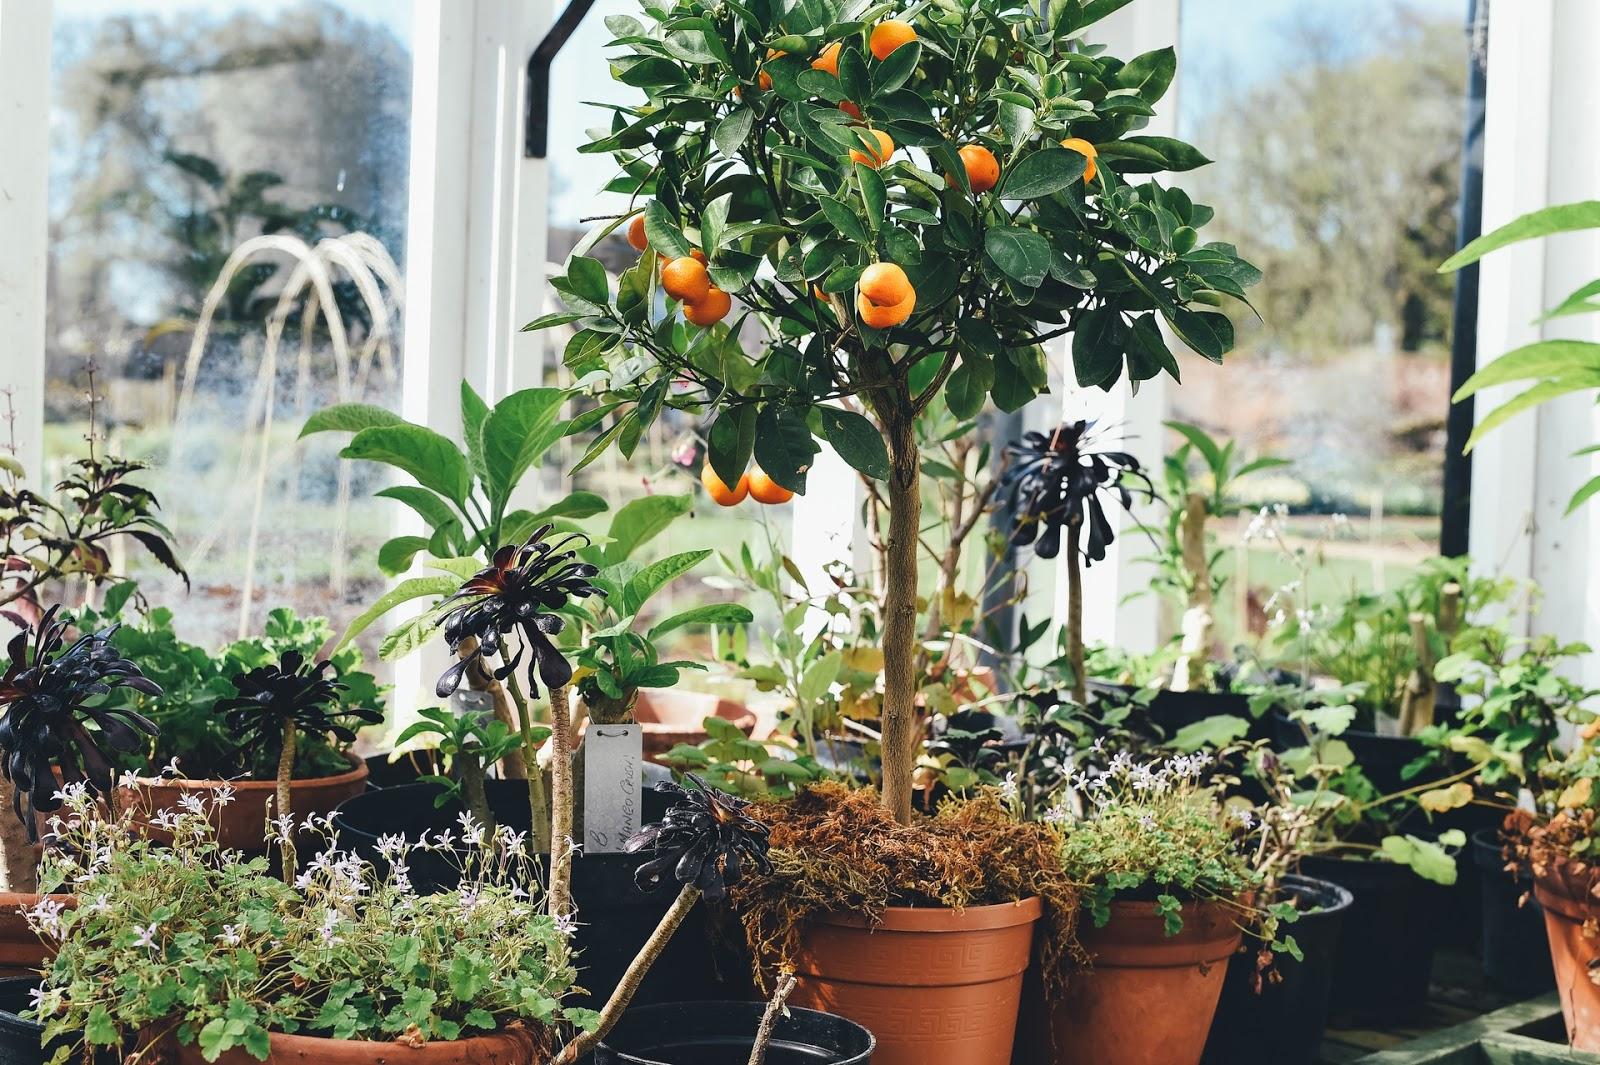 5 Rboles Frutales Para Plantar En Macetas Amigos De La Jardiner A ~ Cuando Hay Que Abonar Los Arboles Frutales